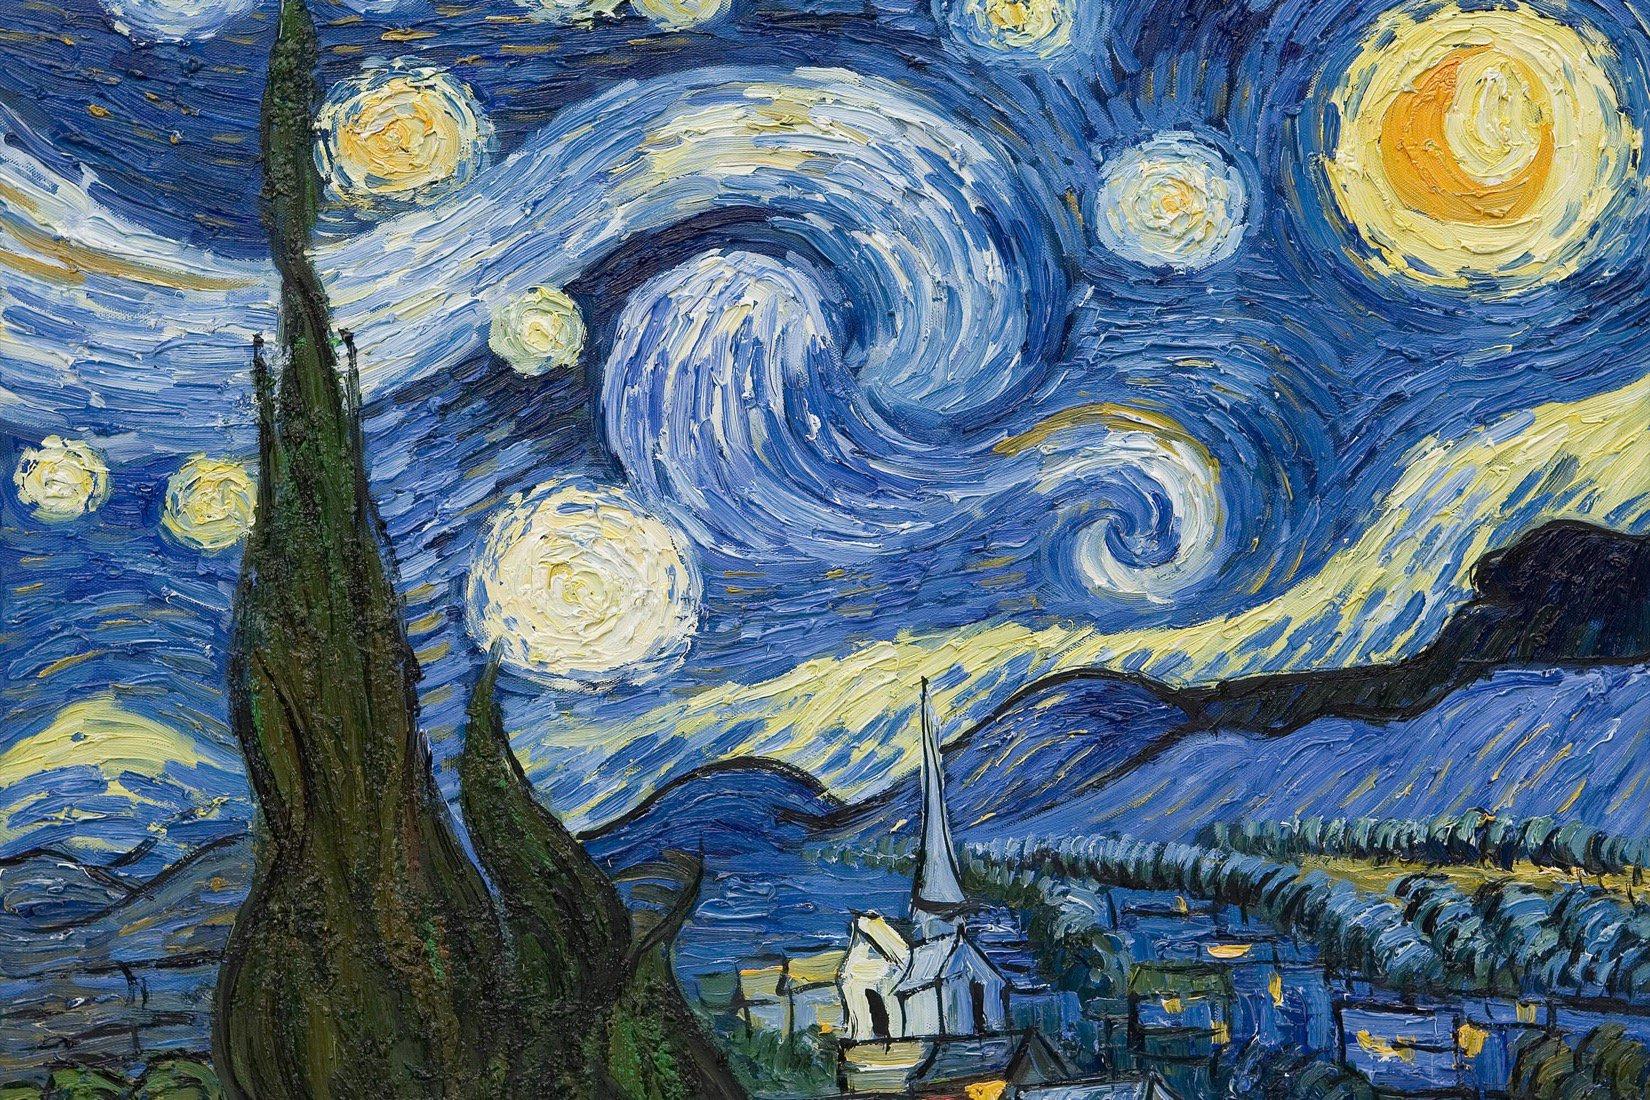 """Релаксиране с чаша вино и рисуване на репродукция по картината """"Звездна нощ """" Винсент ван Гог  – 26.03.2020 г."""